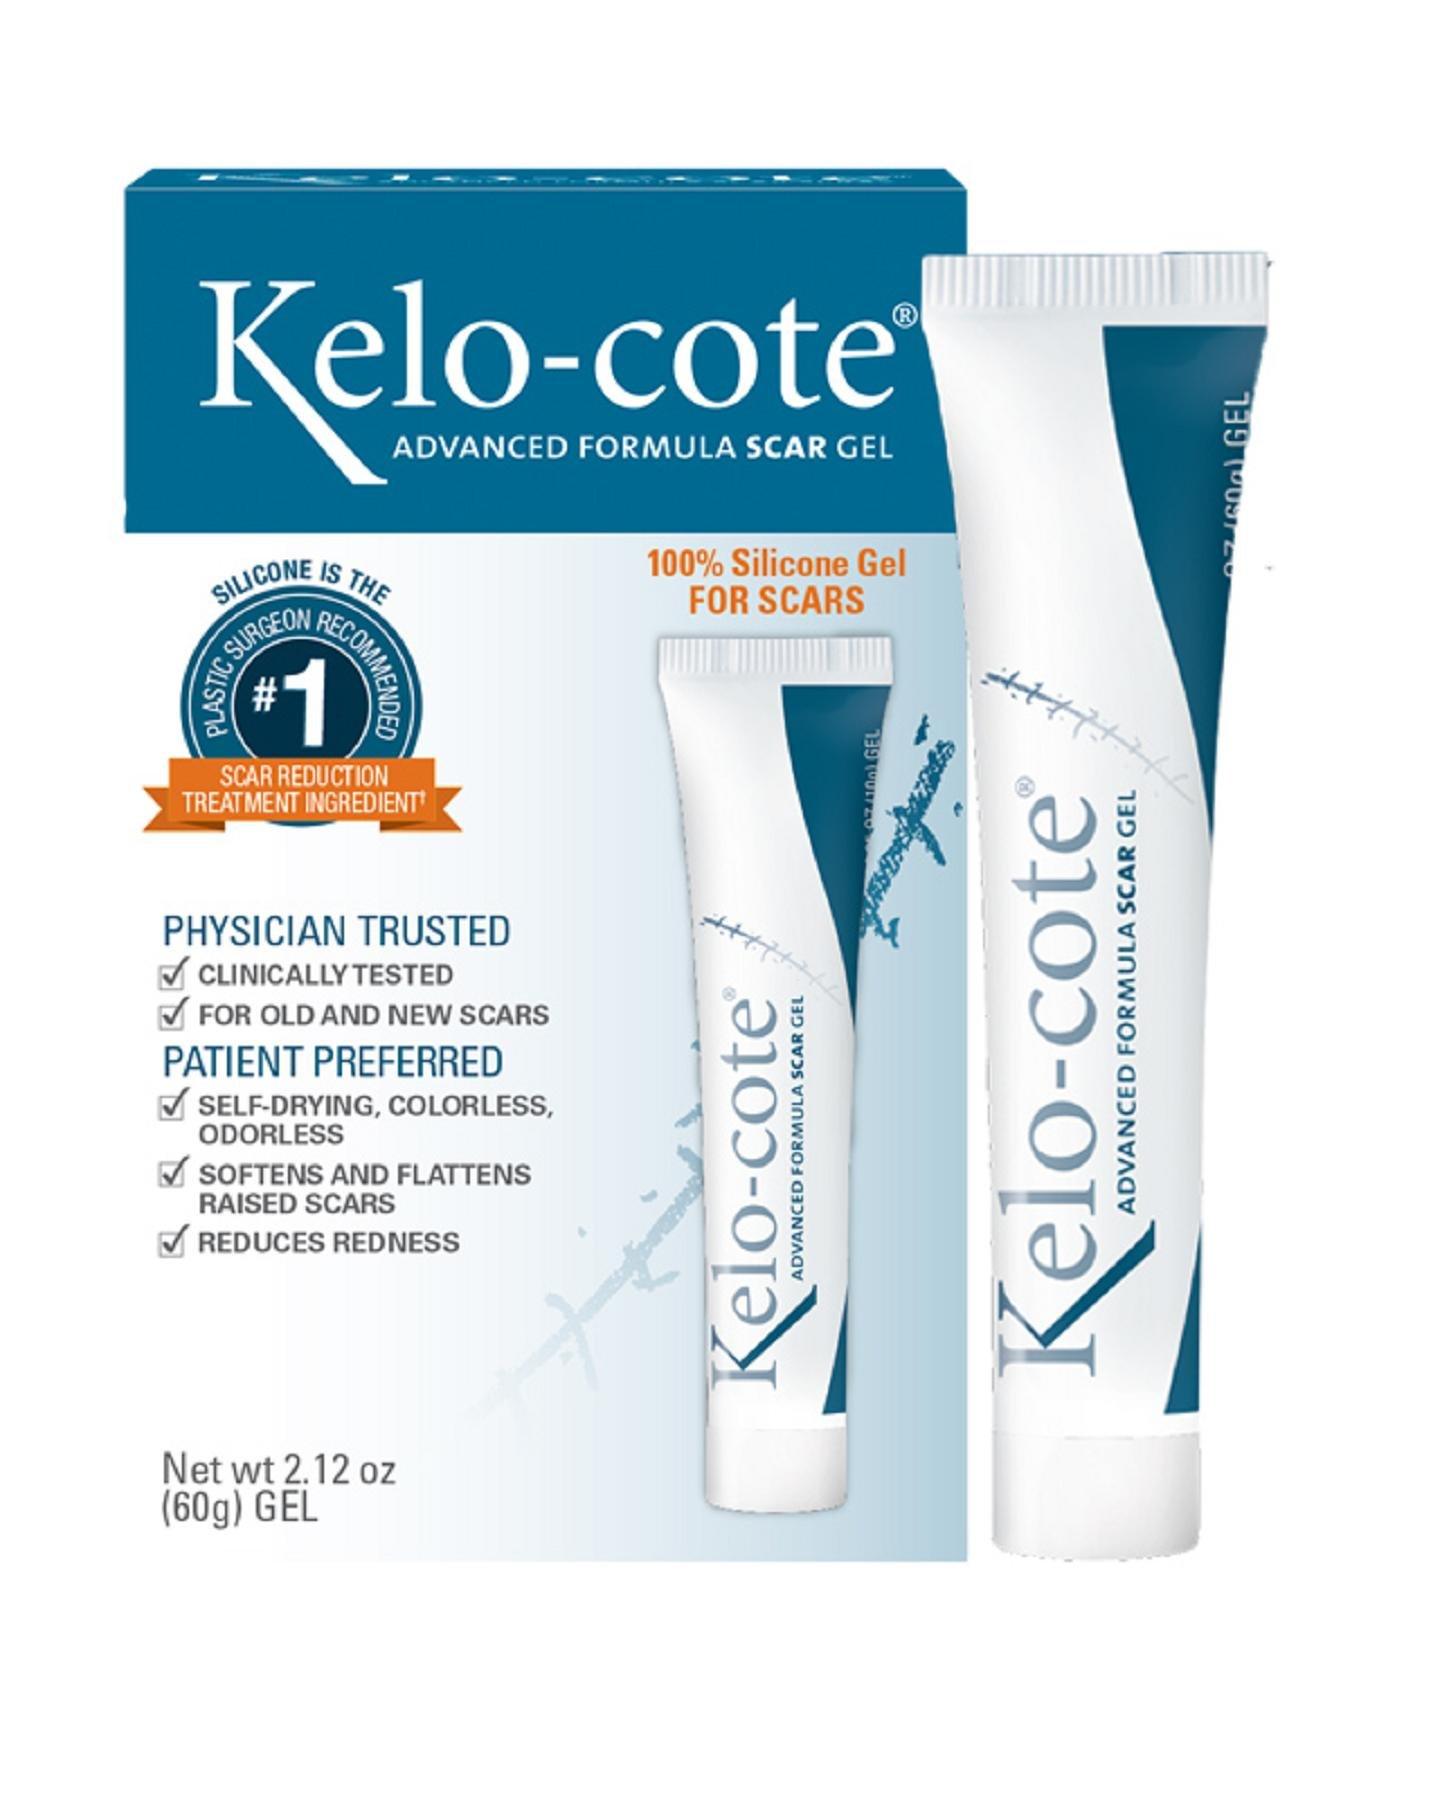 Kelo-cote Gel, 60 gram tube